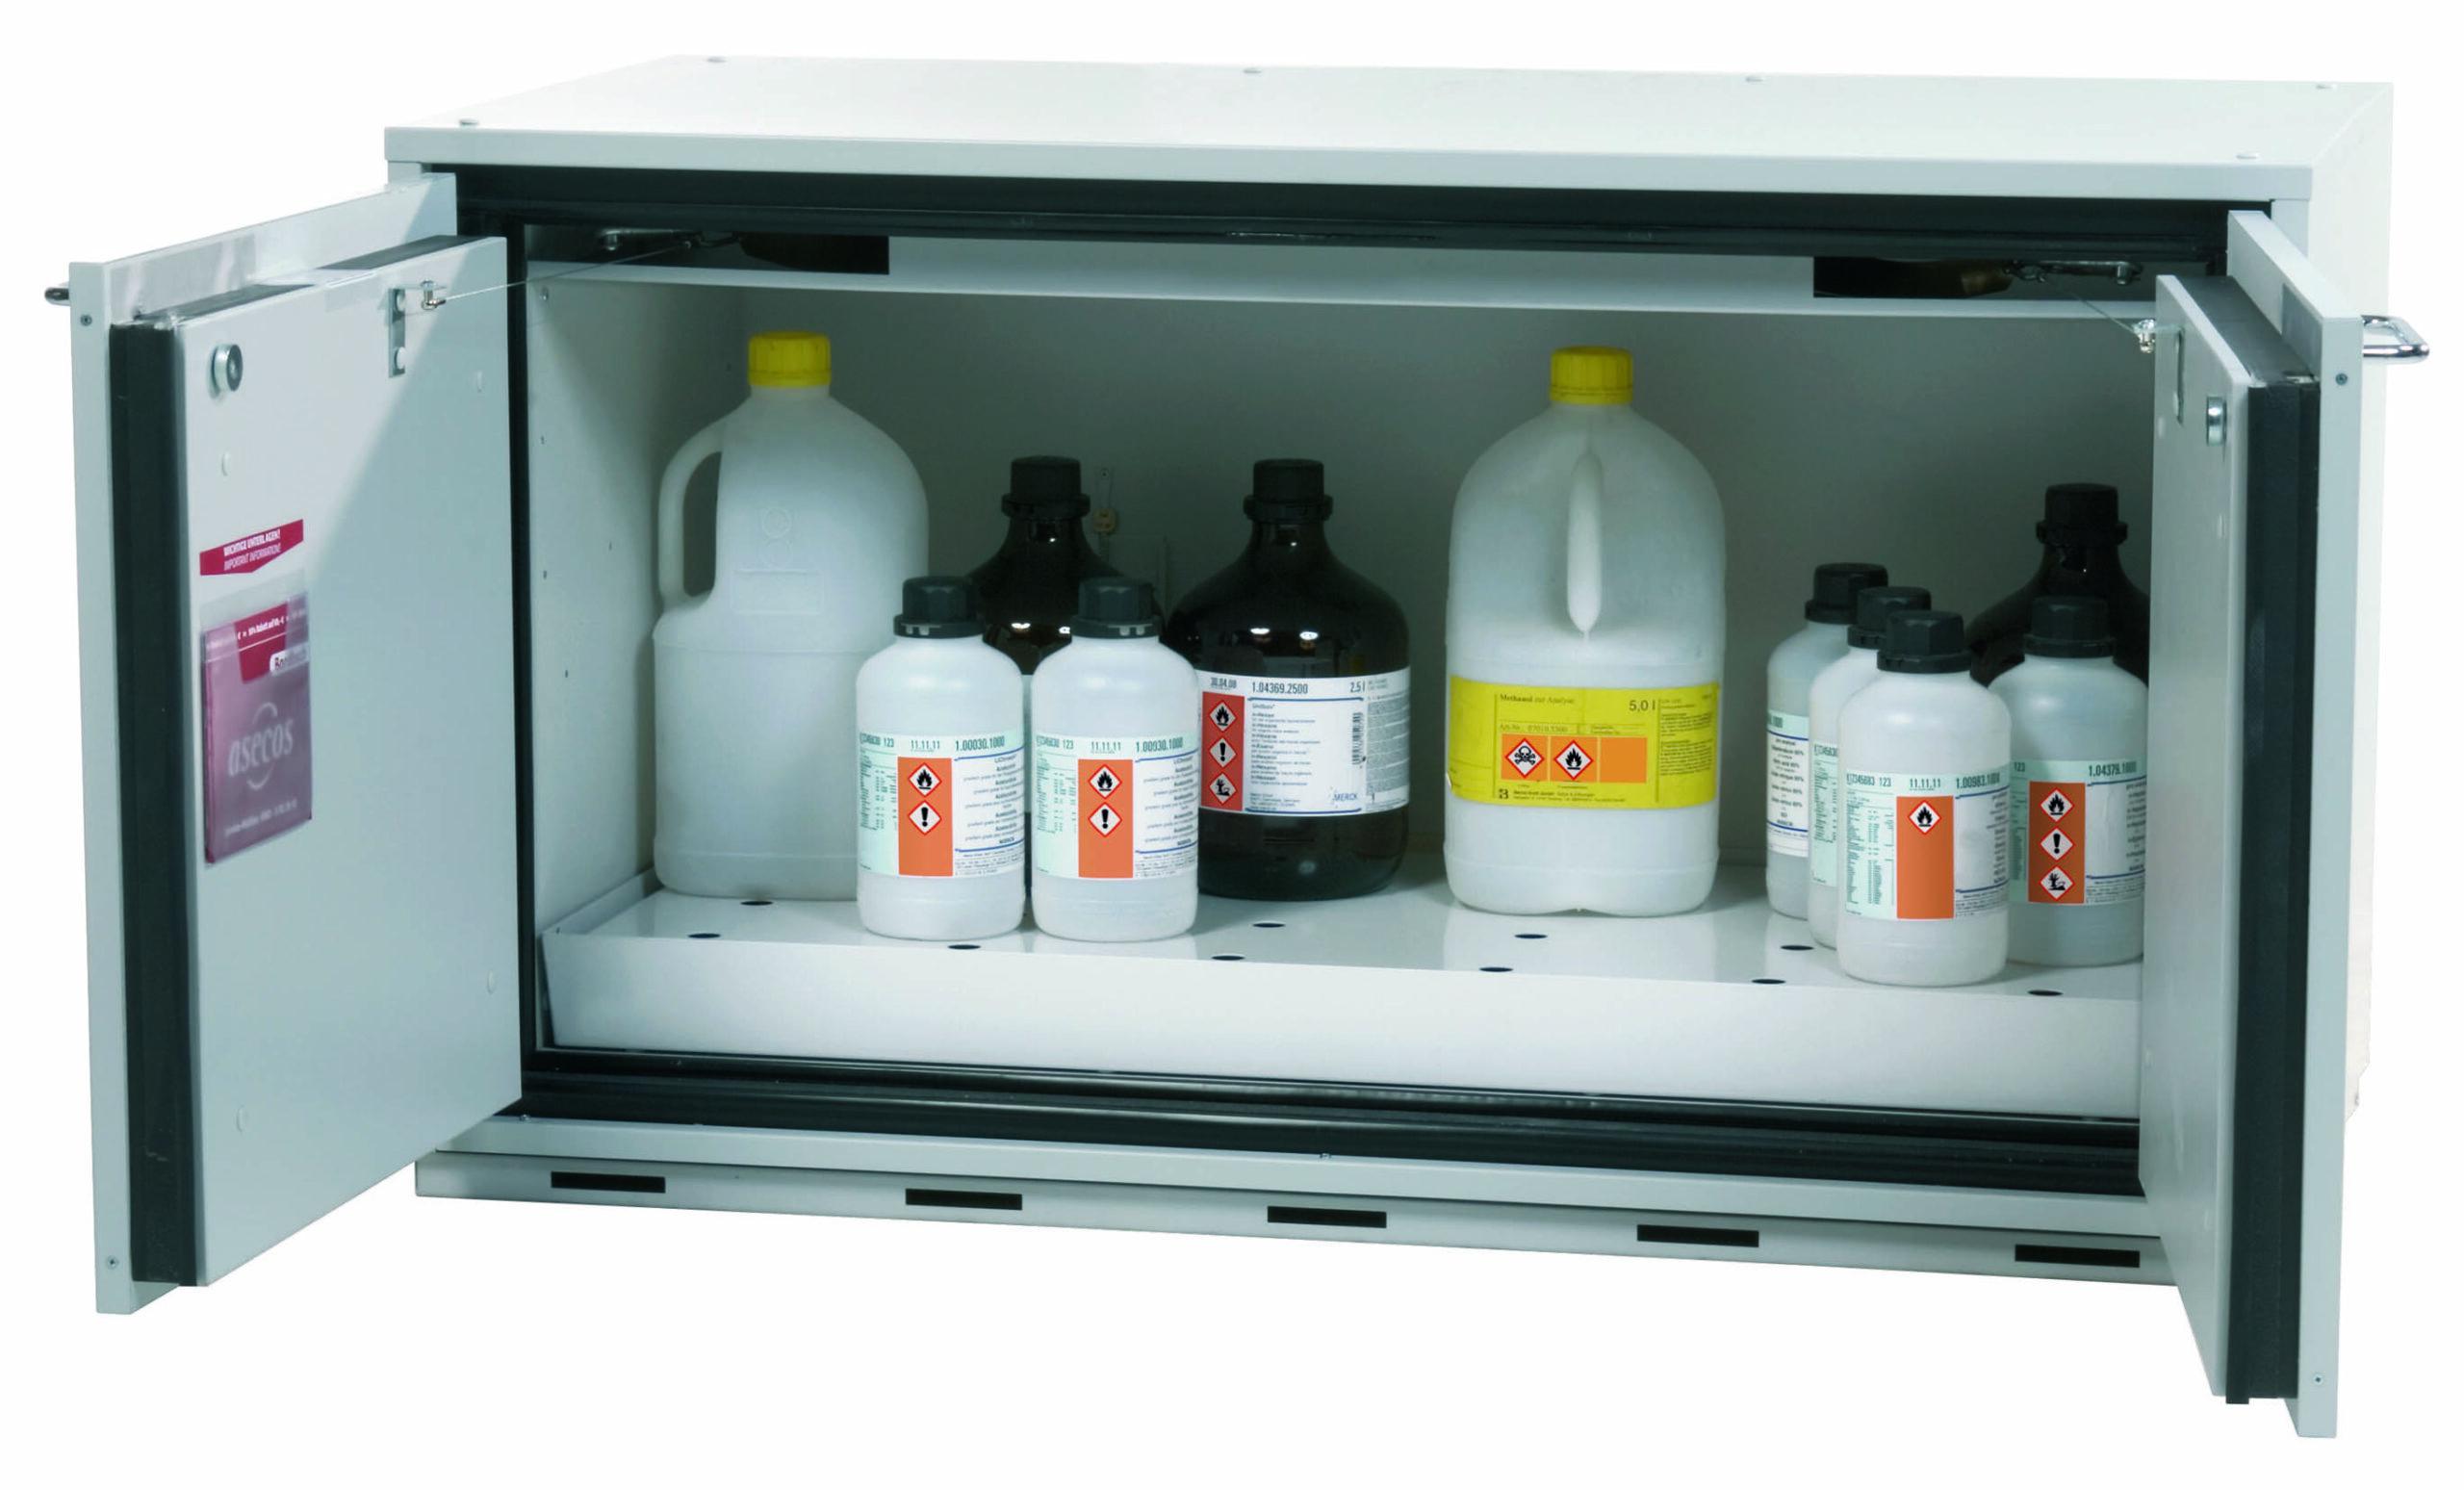 Armarios bajos: para ubicación bajo encimera o bajo vitrina de extracción de gases.